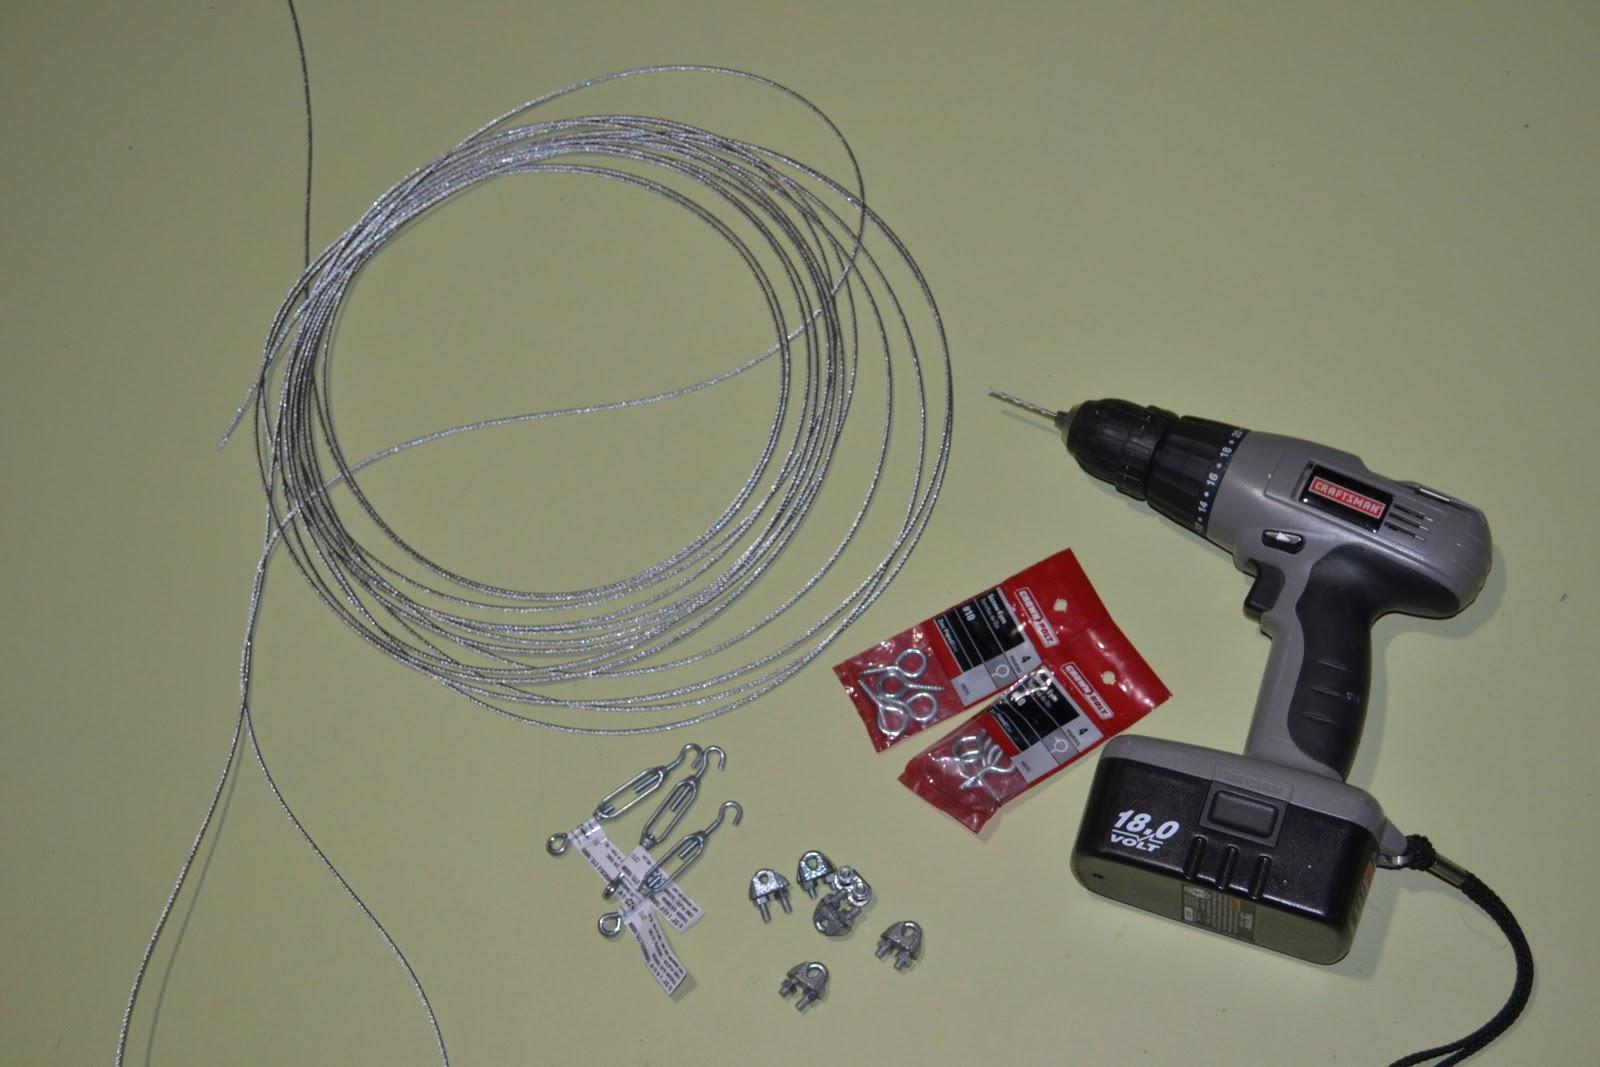 diy wire curtain wire center u2022 rh 104 238 162 224